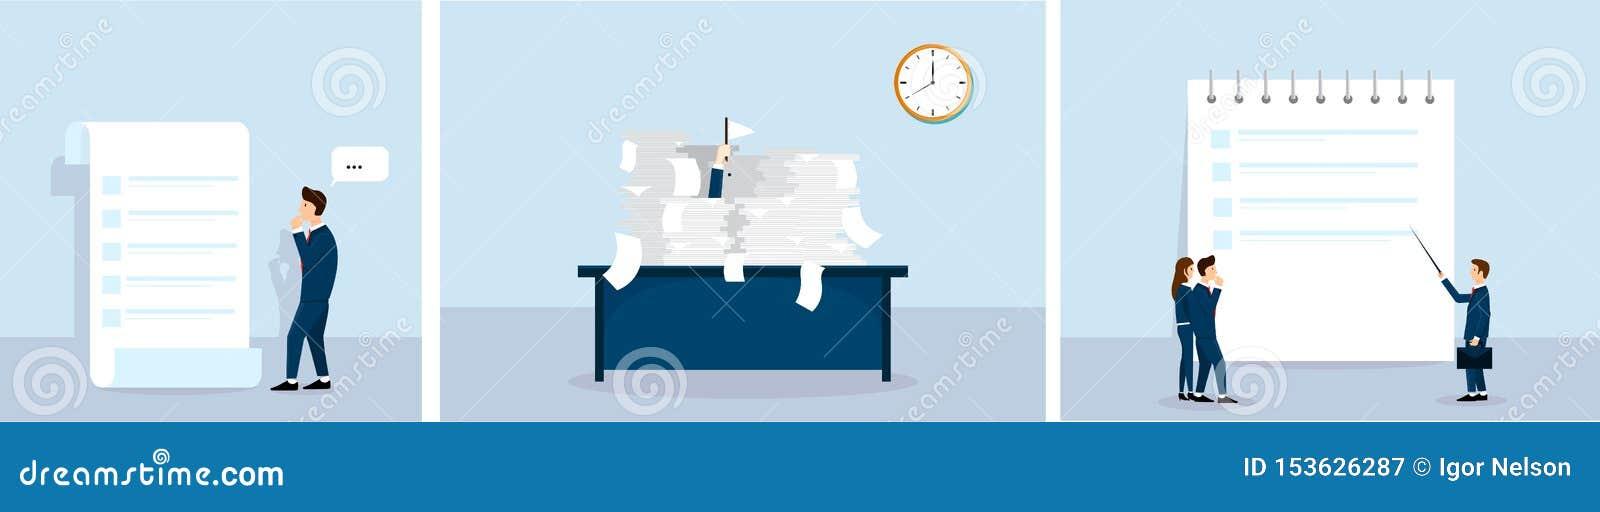 Mini insieme del concetto di affari Lavoro di ufficio per fare lista Lezioni di affari Vettore